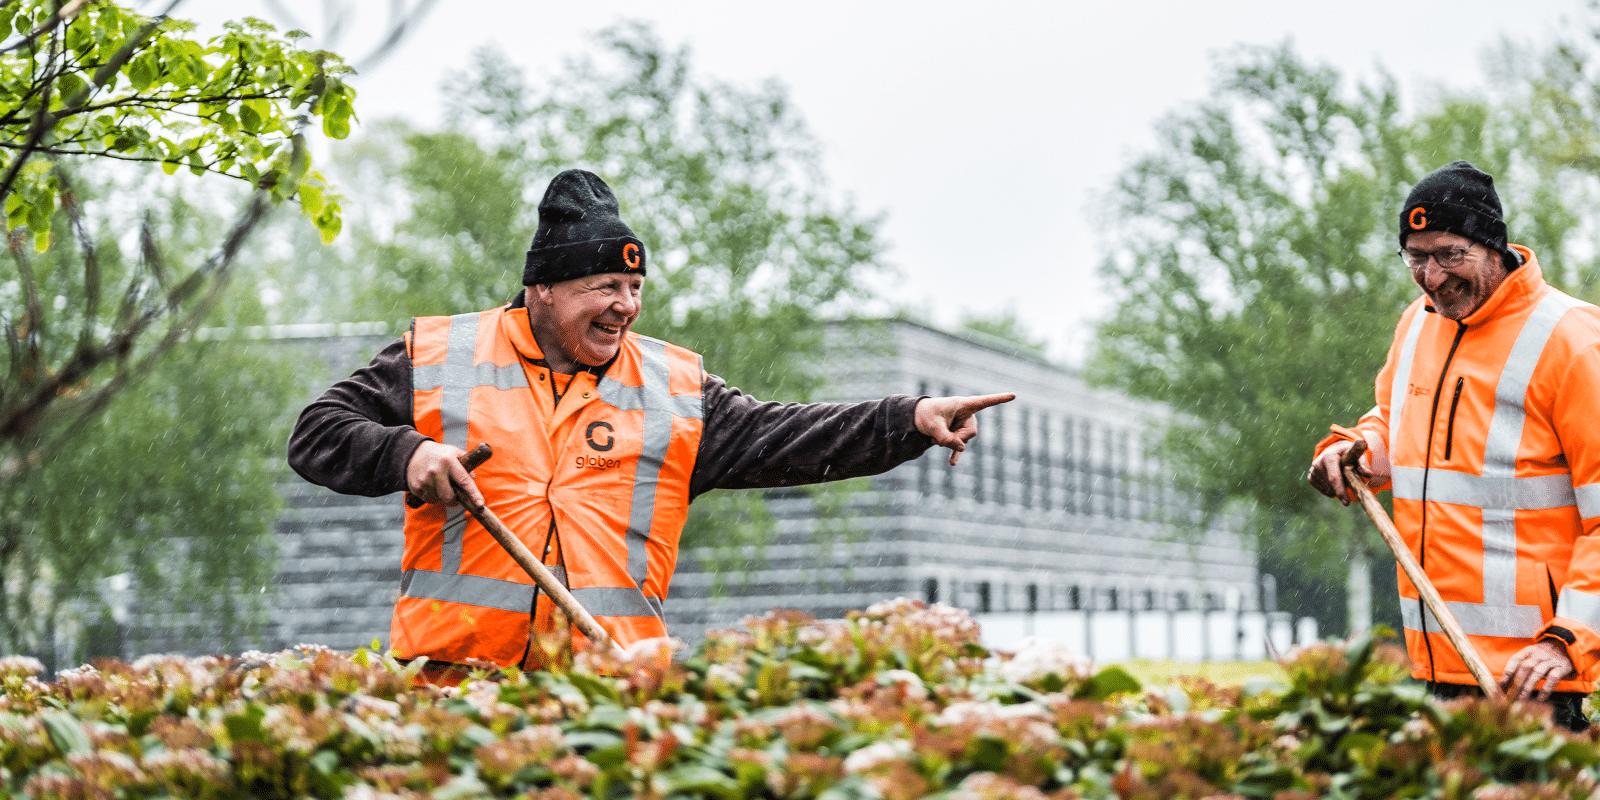 Medewerkers groenvoorziening zonder ervaring aan het werk